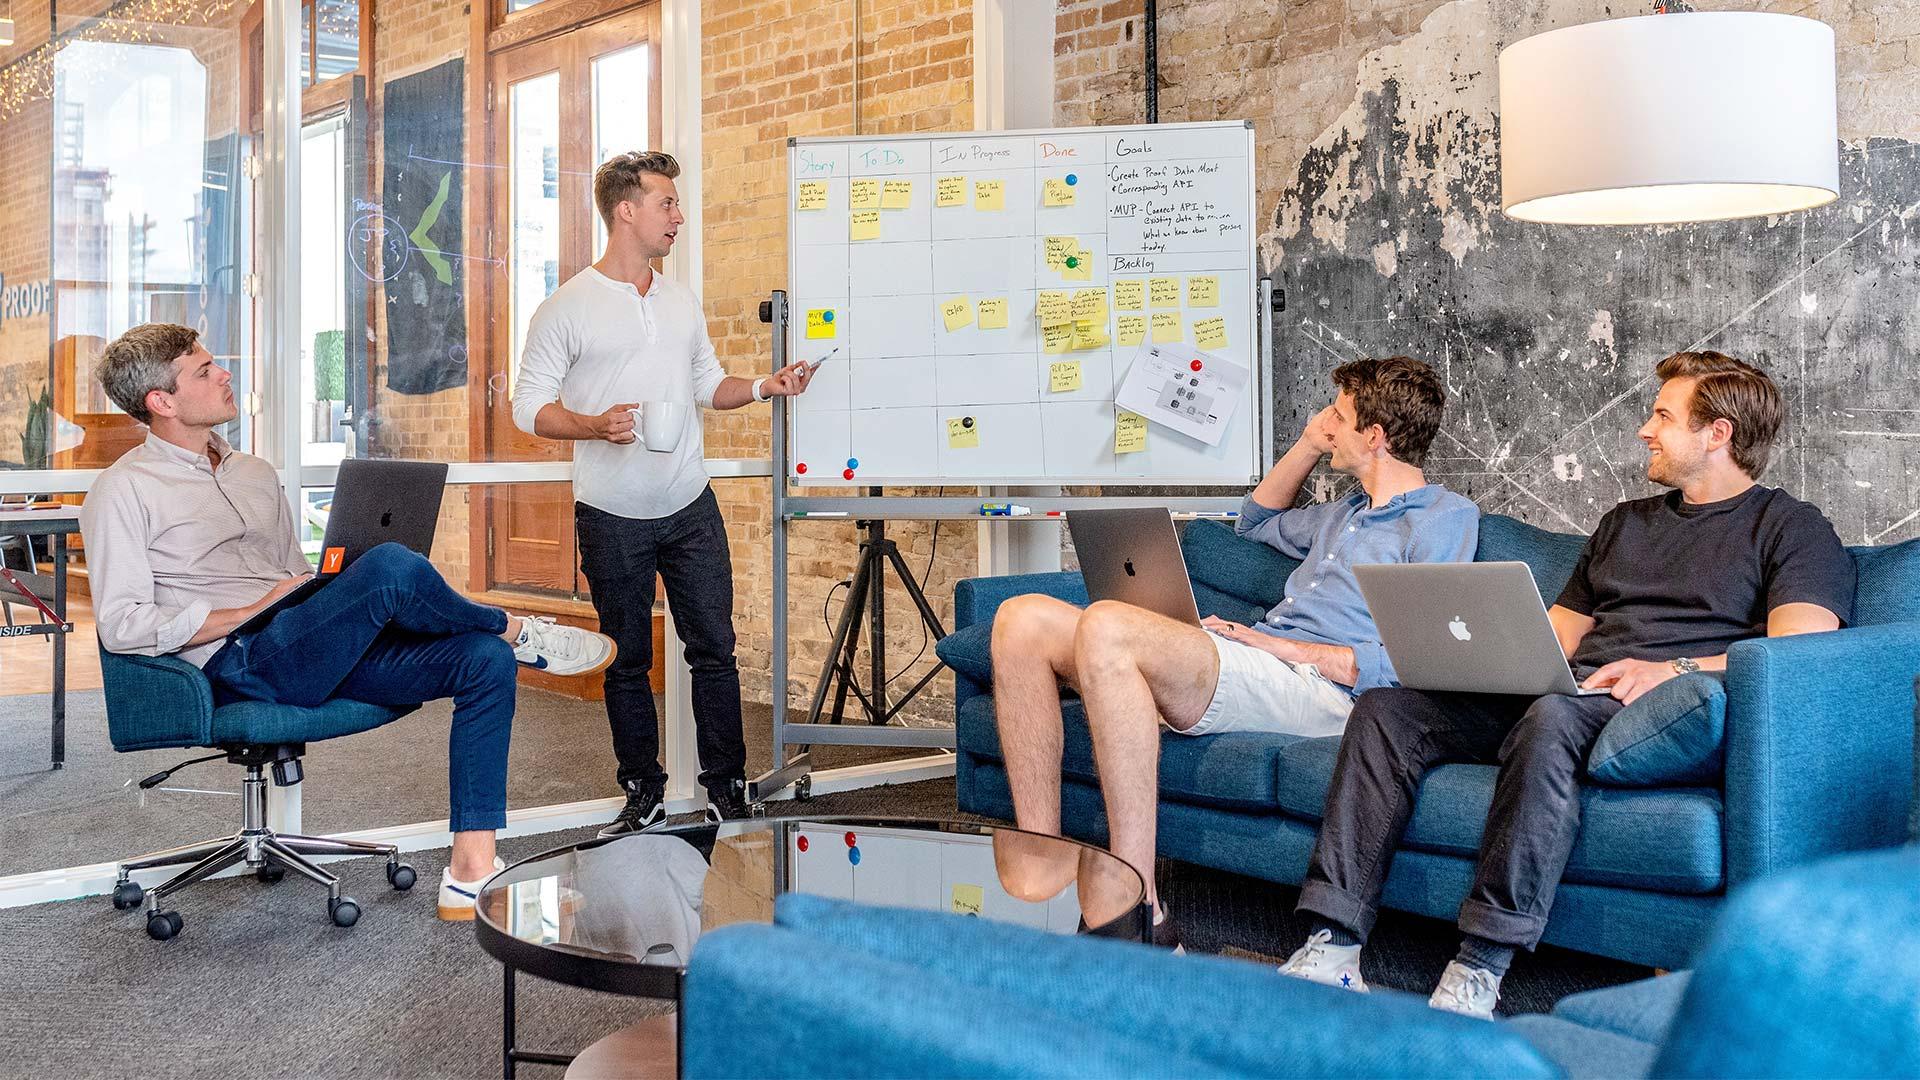 teamwork-workflow-brainstorm